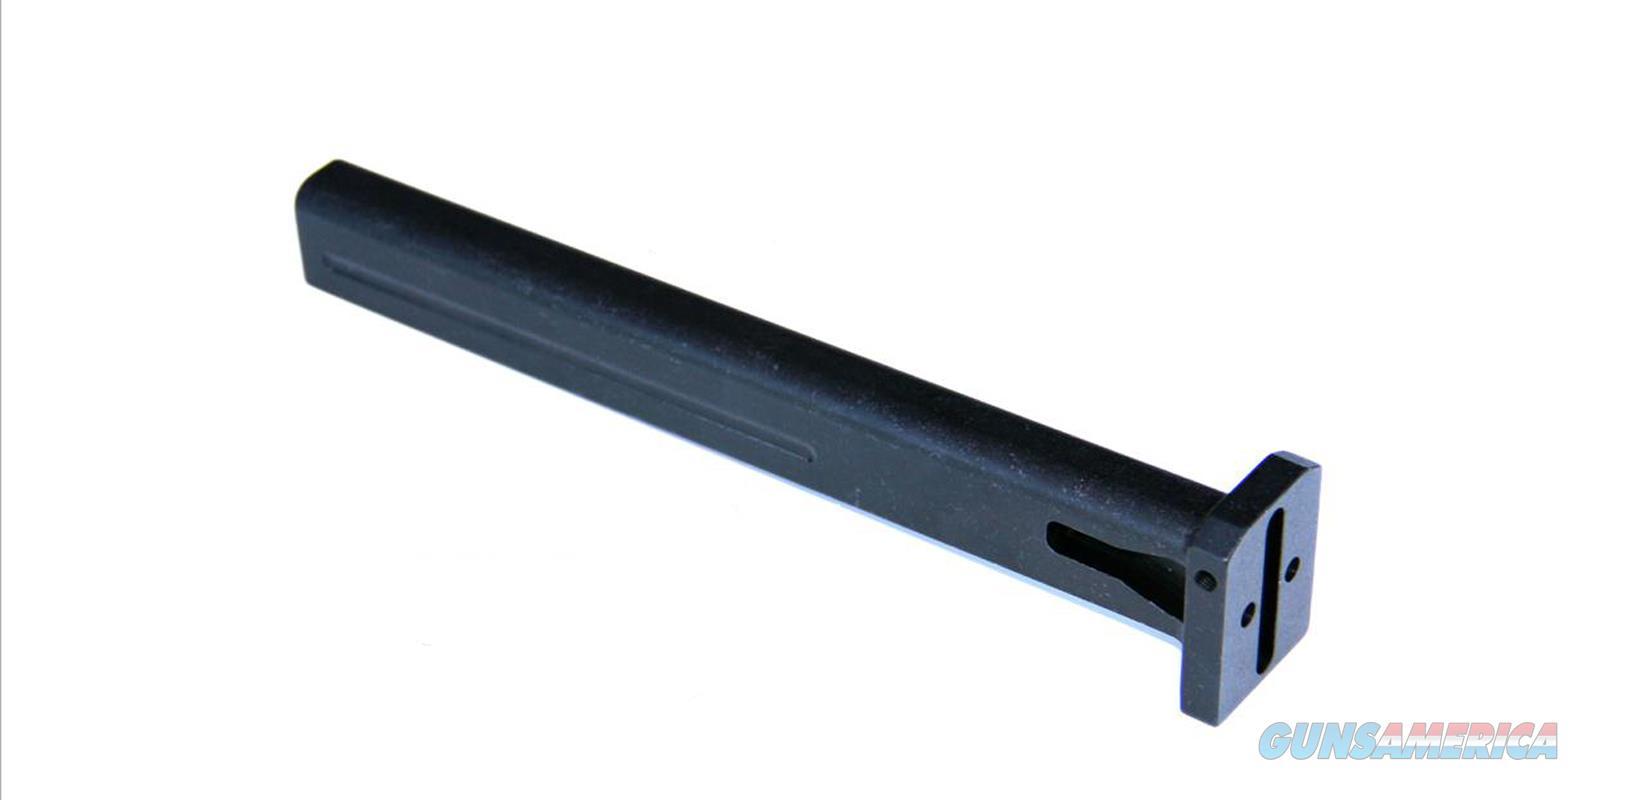 Fostech Bumpski Universal Adapter Bar Flat Plate FT-02383-106  Non-Guns > Gun Parts > Misc > Rifles